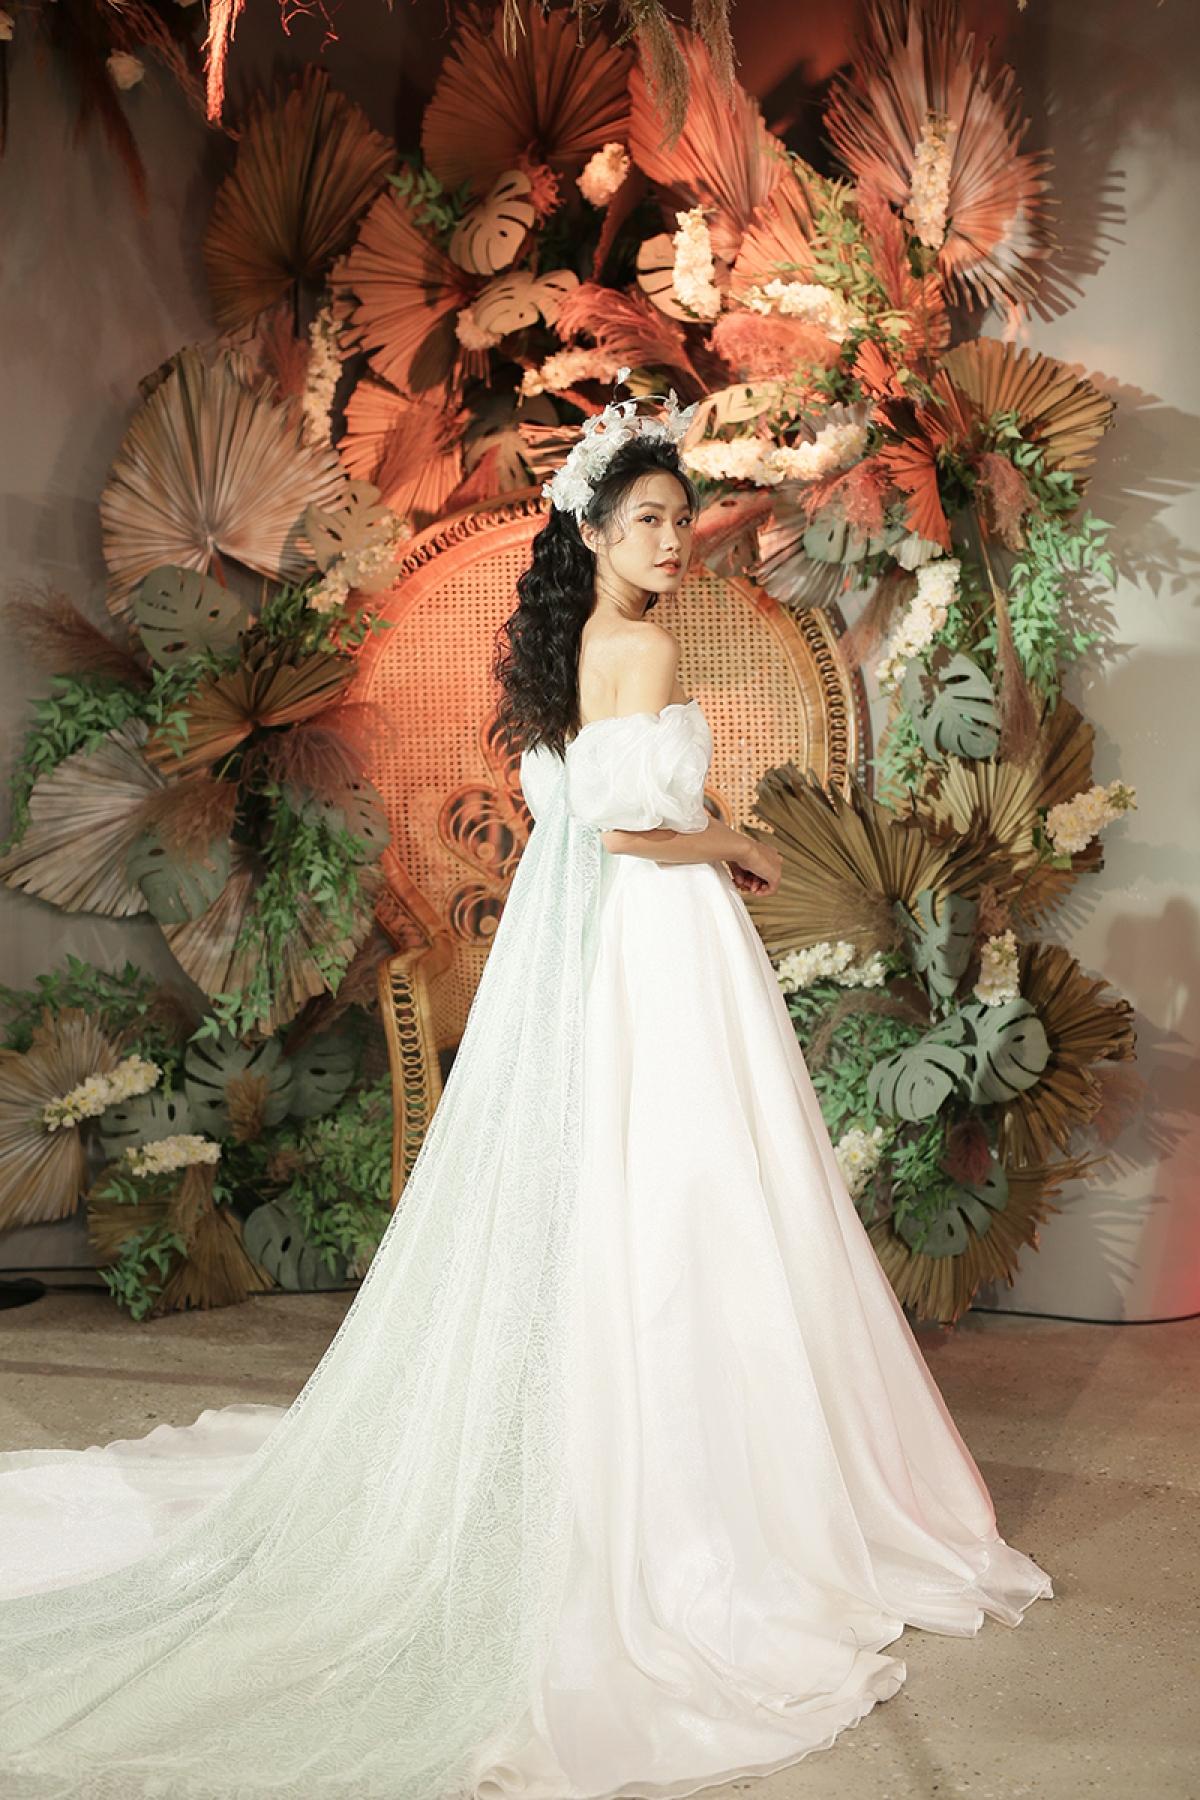 Trong đêm chung kết Hoa hậu Việt Nam 2020, Doãn Hải My còn gây chú ý bởi được cầu thủ Đoàn Văn Hậu đến ủng hộ và tặng hoa.